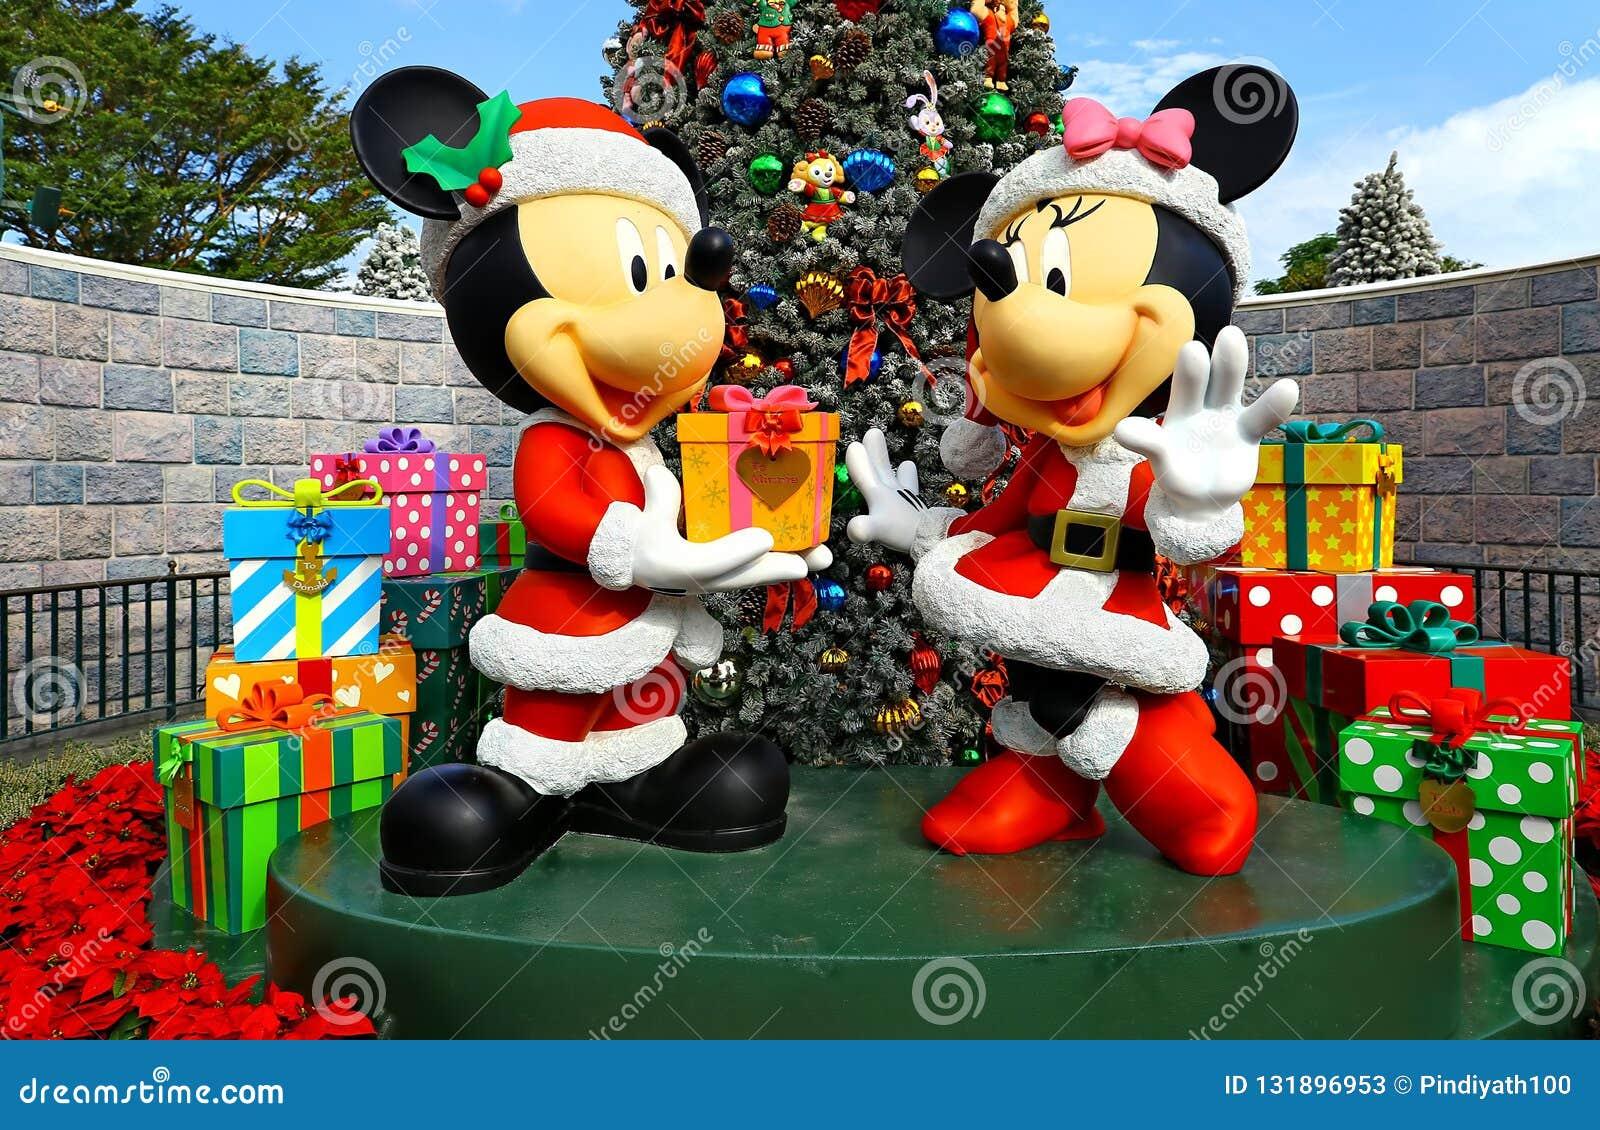 Mickey и оформление рождества мыши minnie на Диснейленде Гонконге